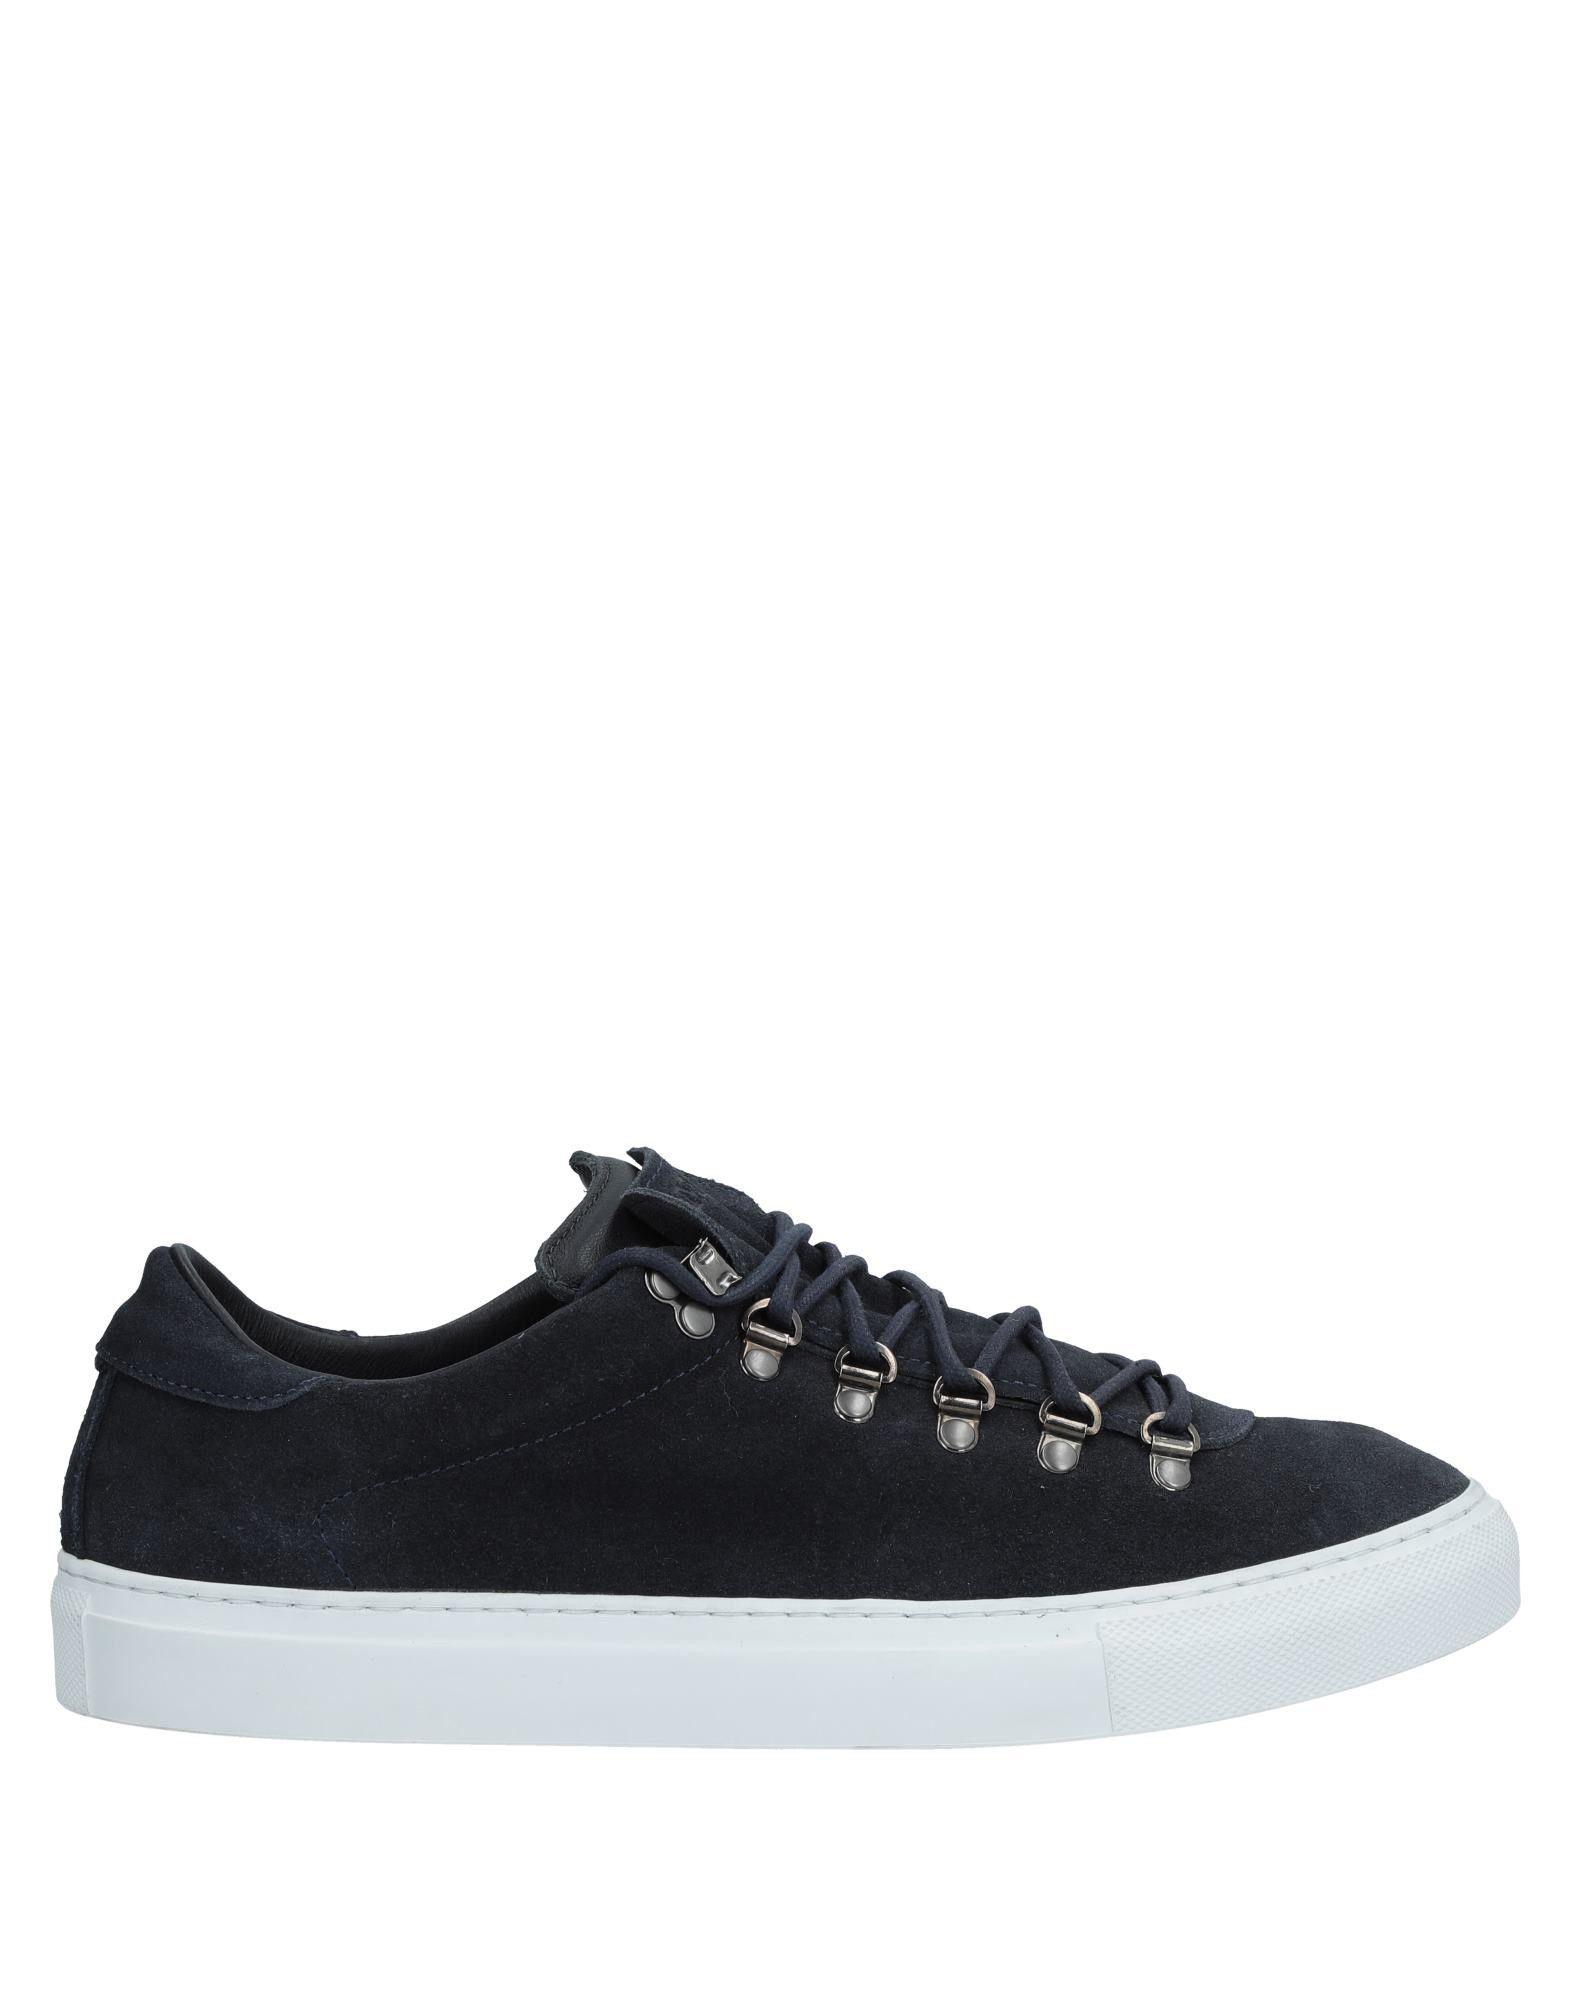 Diemme Sneakers Herren beliebte  11531745RM Gute Qualität beliebte Herren Schuhe aae406